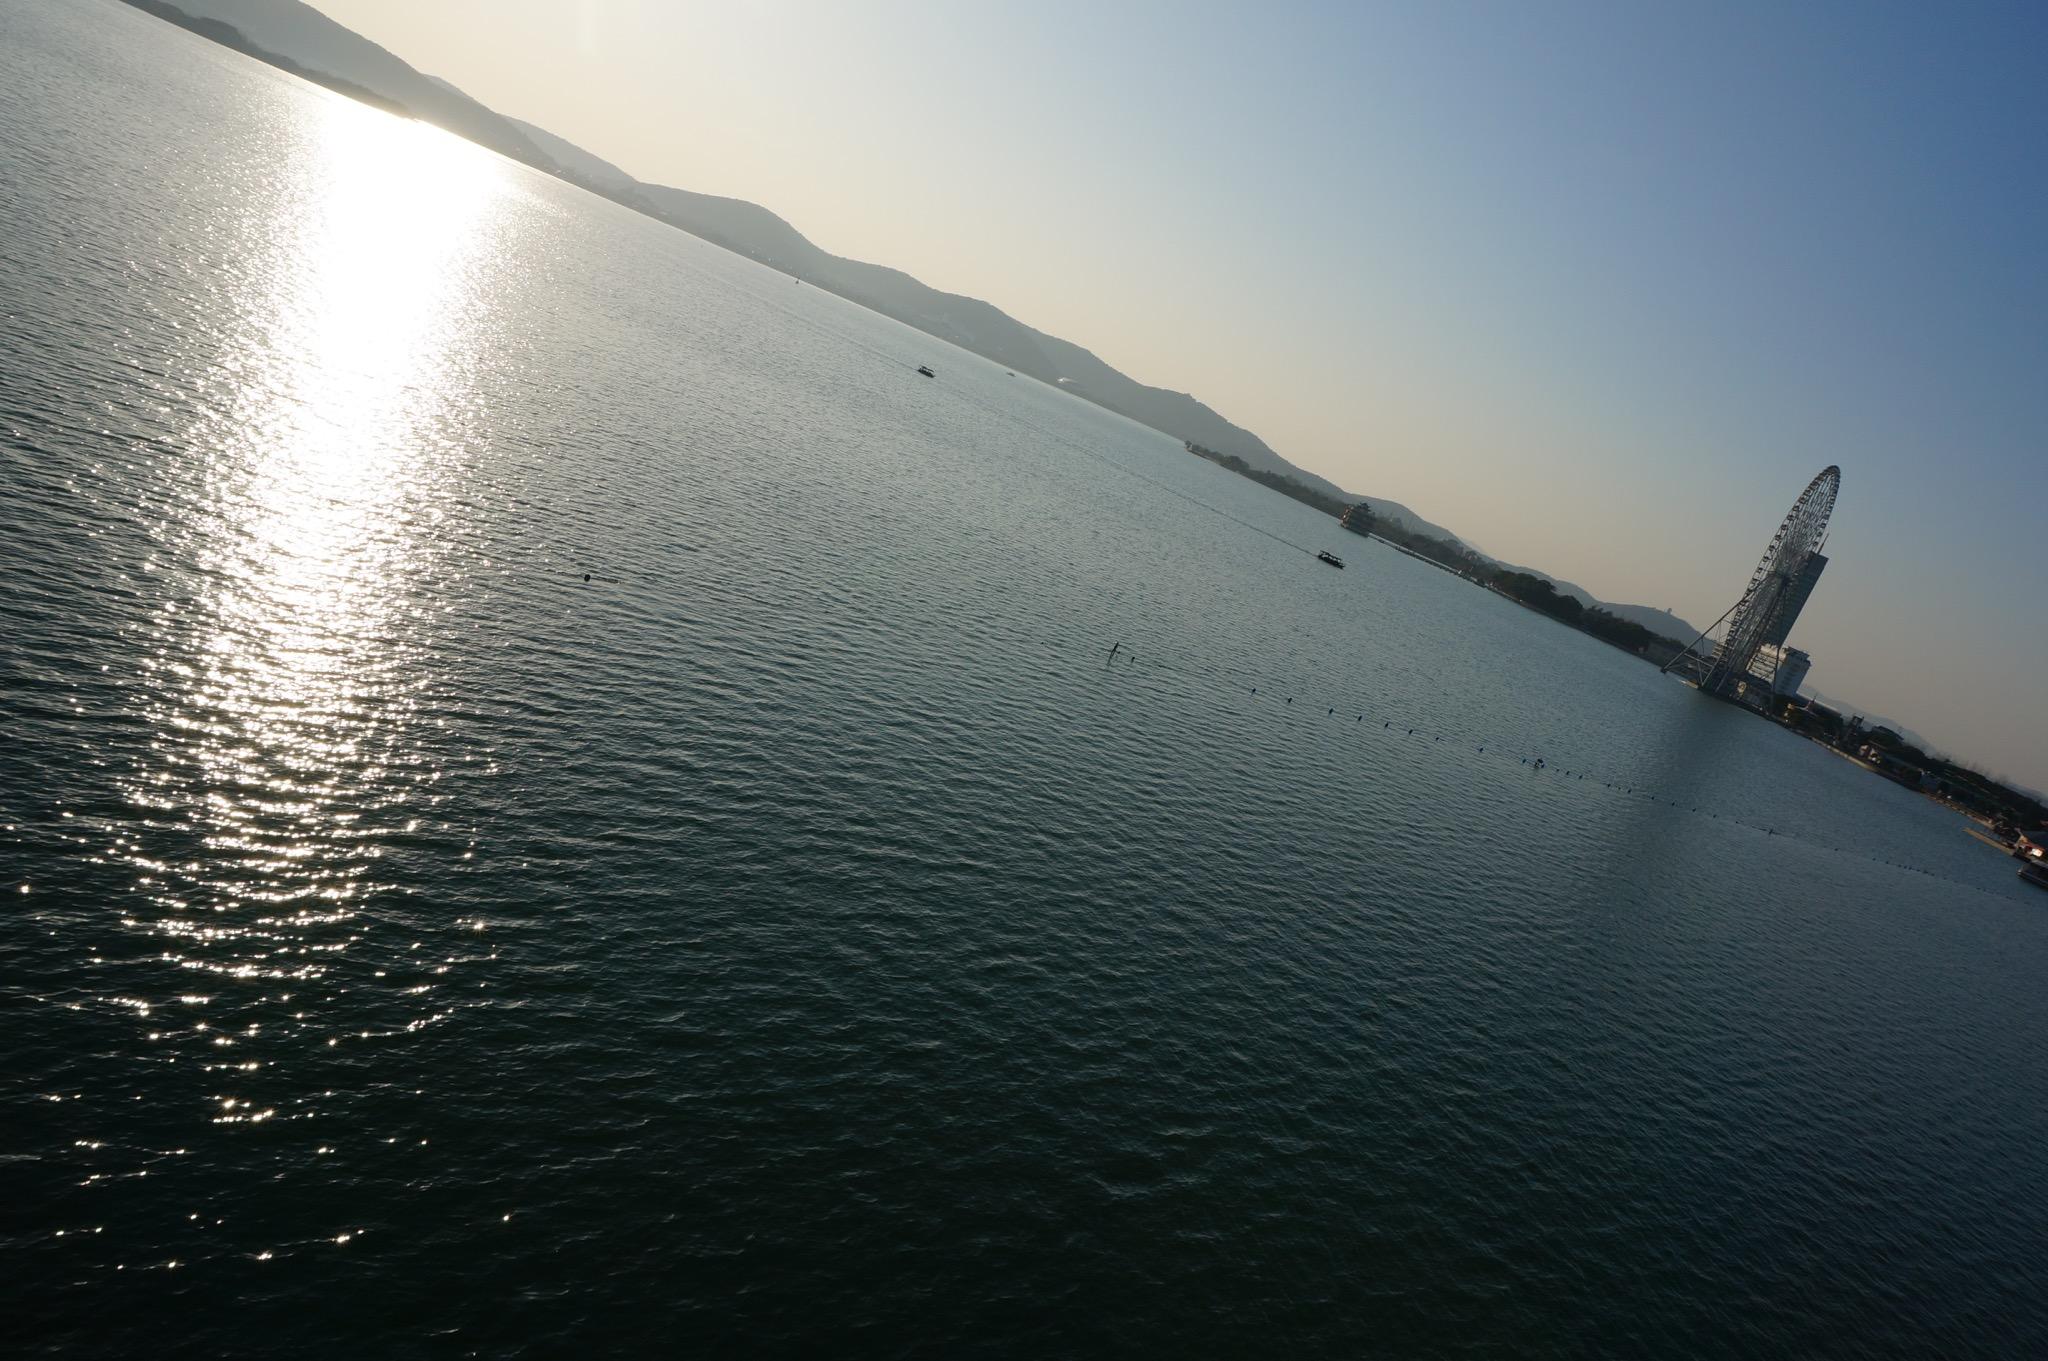 蠡湖大桥上